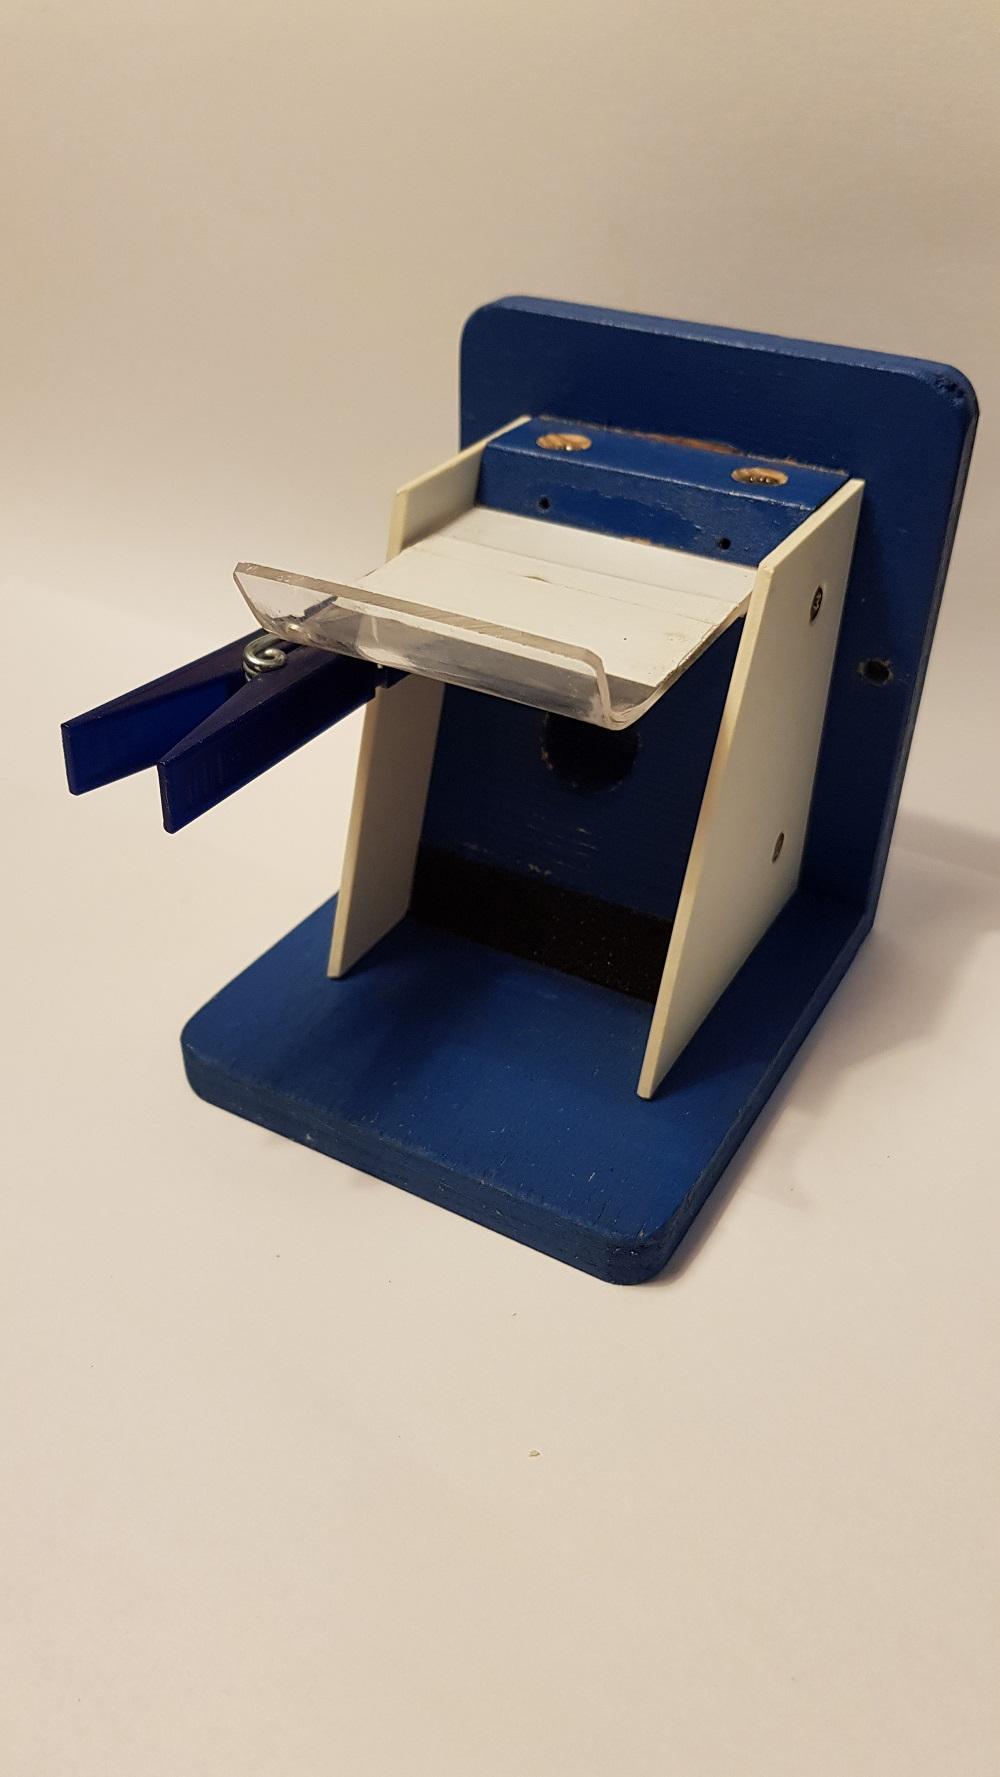 Čmeláci PLUS - Ochranná klapka spouštění záklopky pomocí količku na prádlo